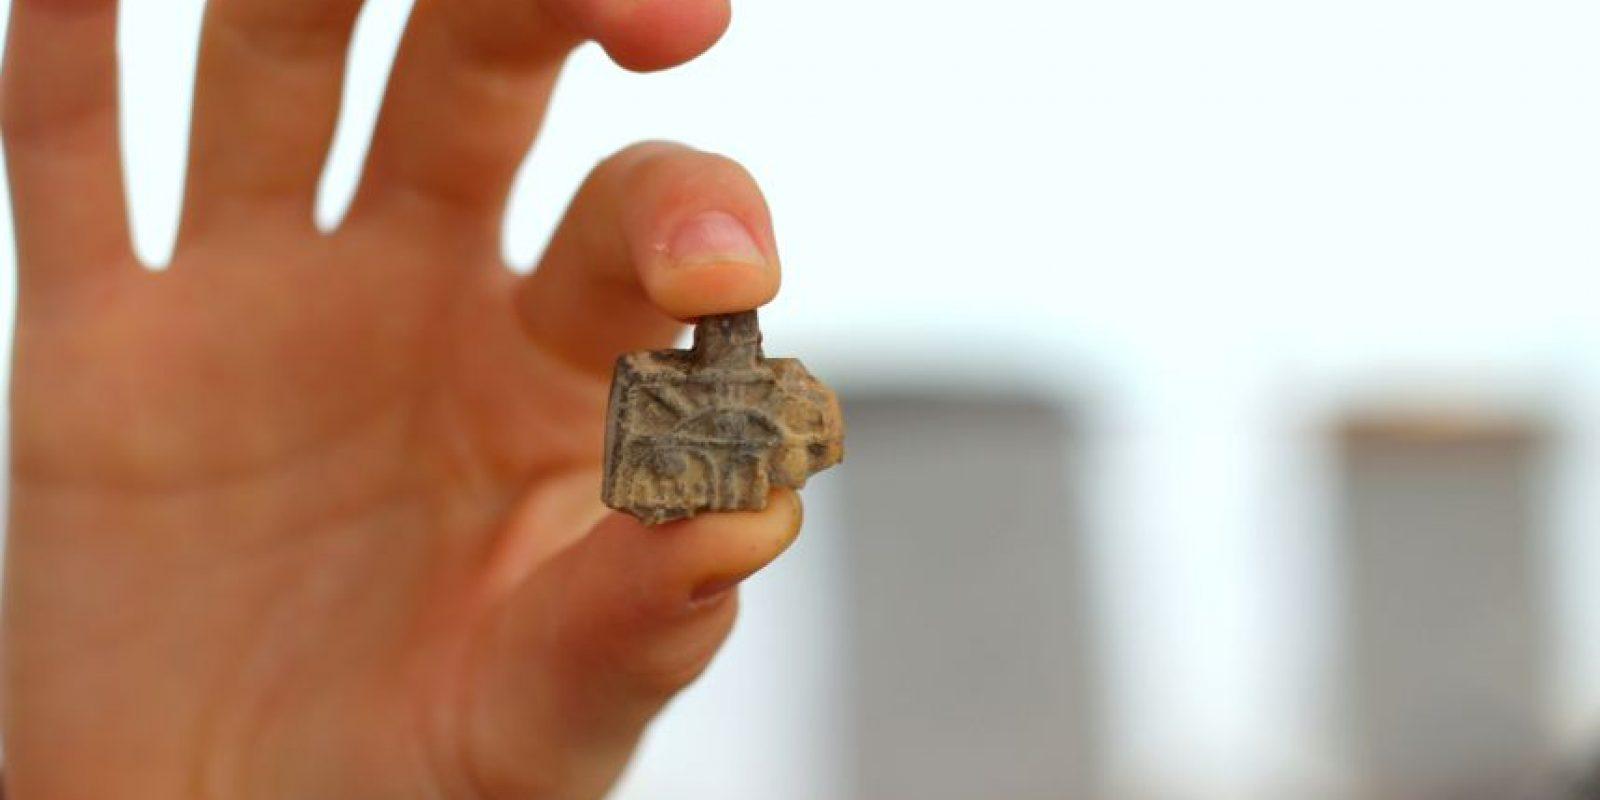 Esta imagen proporcionada por la fundación Ir David – Ciudad de David el martes 19 de abril de 2016, muestra un amuleto egipcio de la época de los faraones con más de 3,200 años de antigüedad. Foto:AP